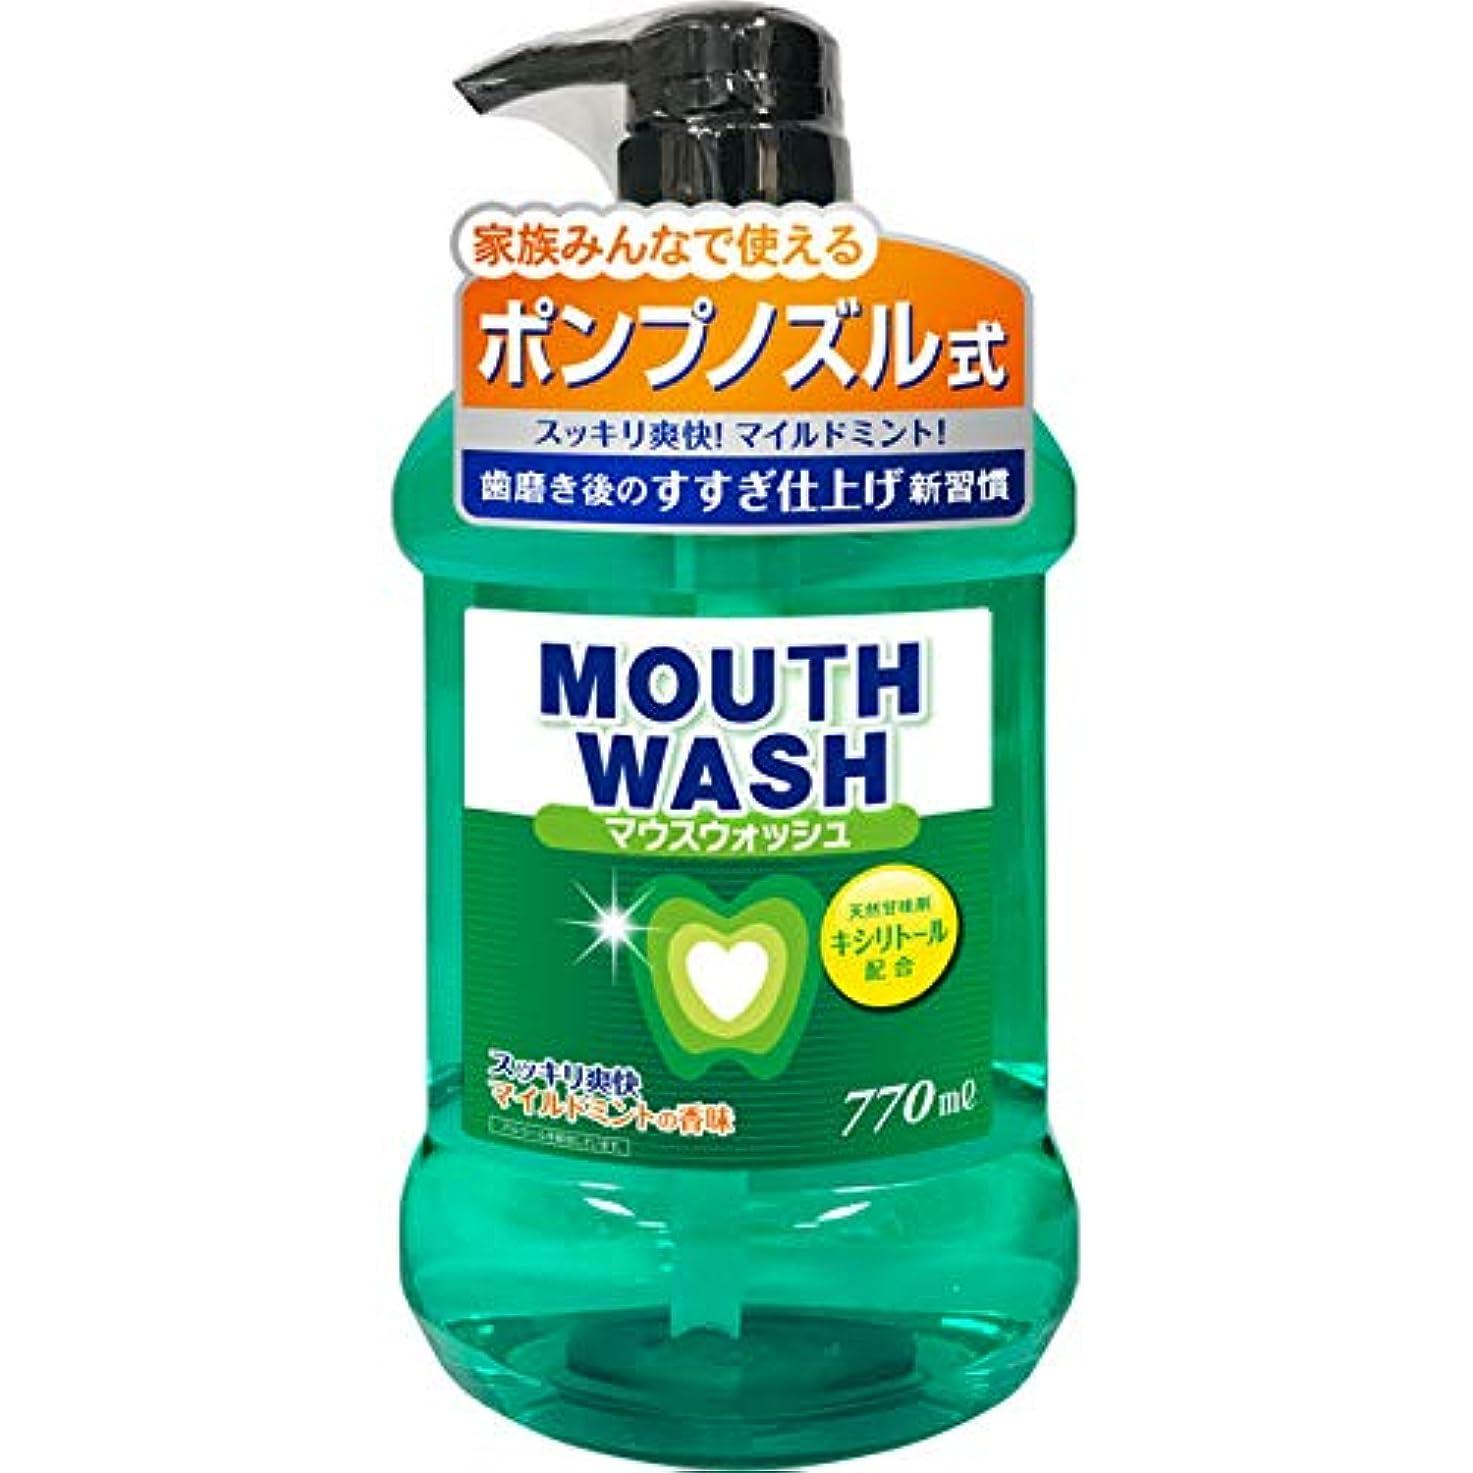 石アンケート機構G-クエスト オールデントマウスウォッシュ マイルドミントの香味 770ml